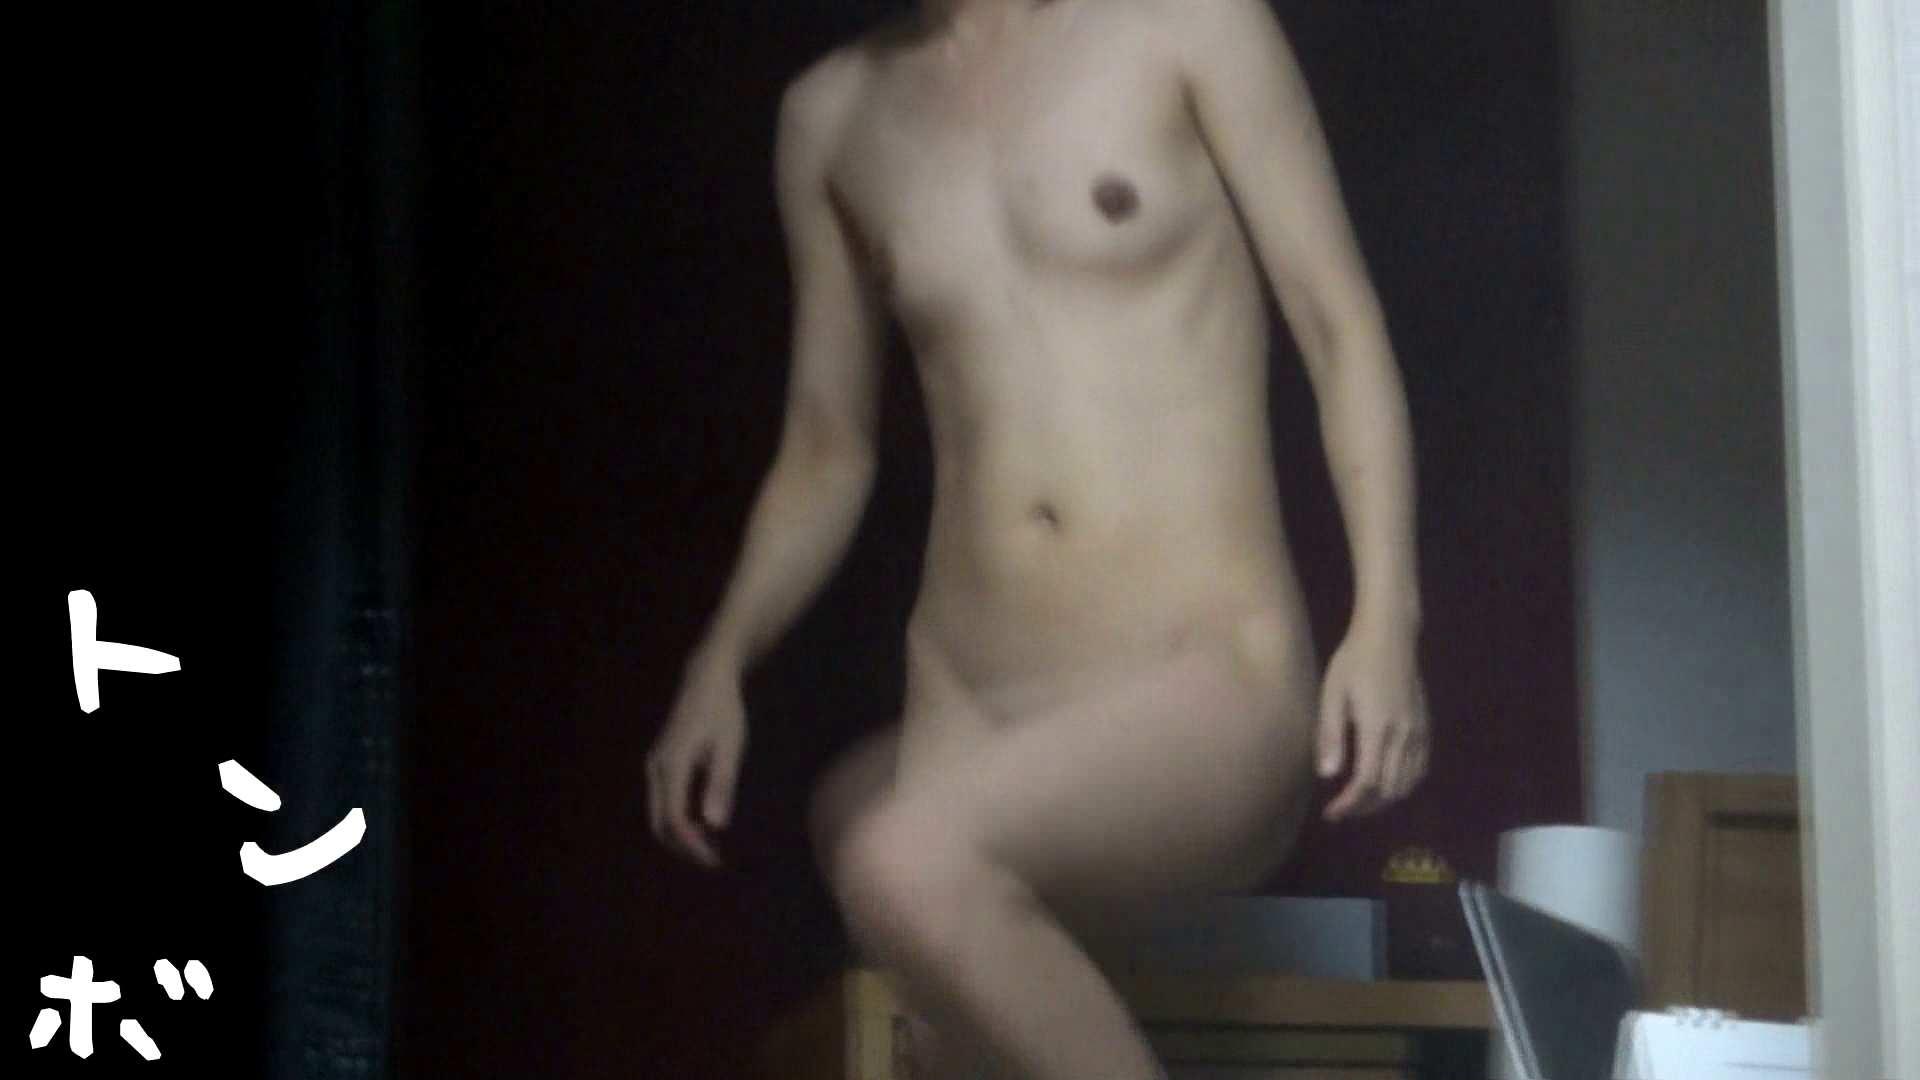 リアル盗撮 美人OLの私生活 盗撮で悶絶   高画質  104画像 101